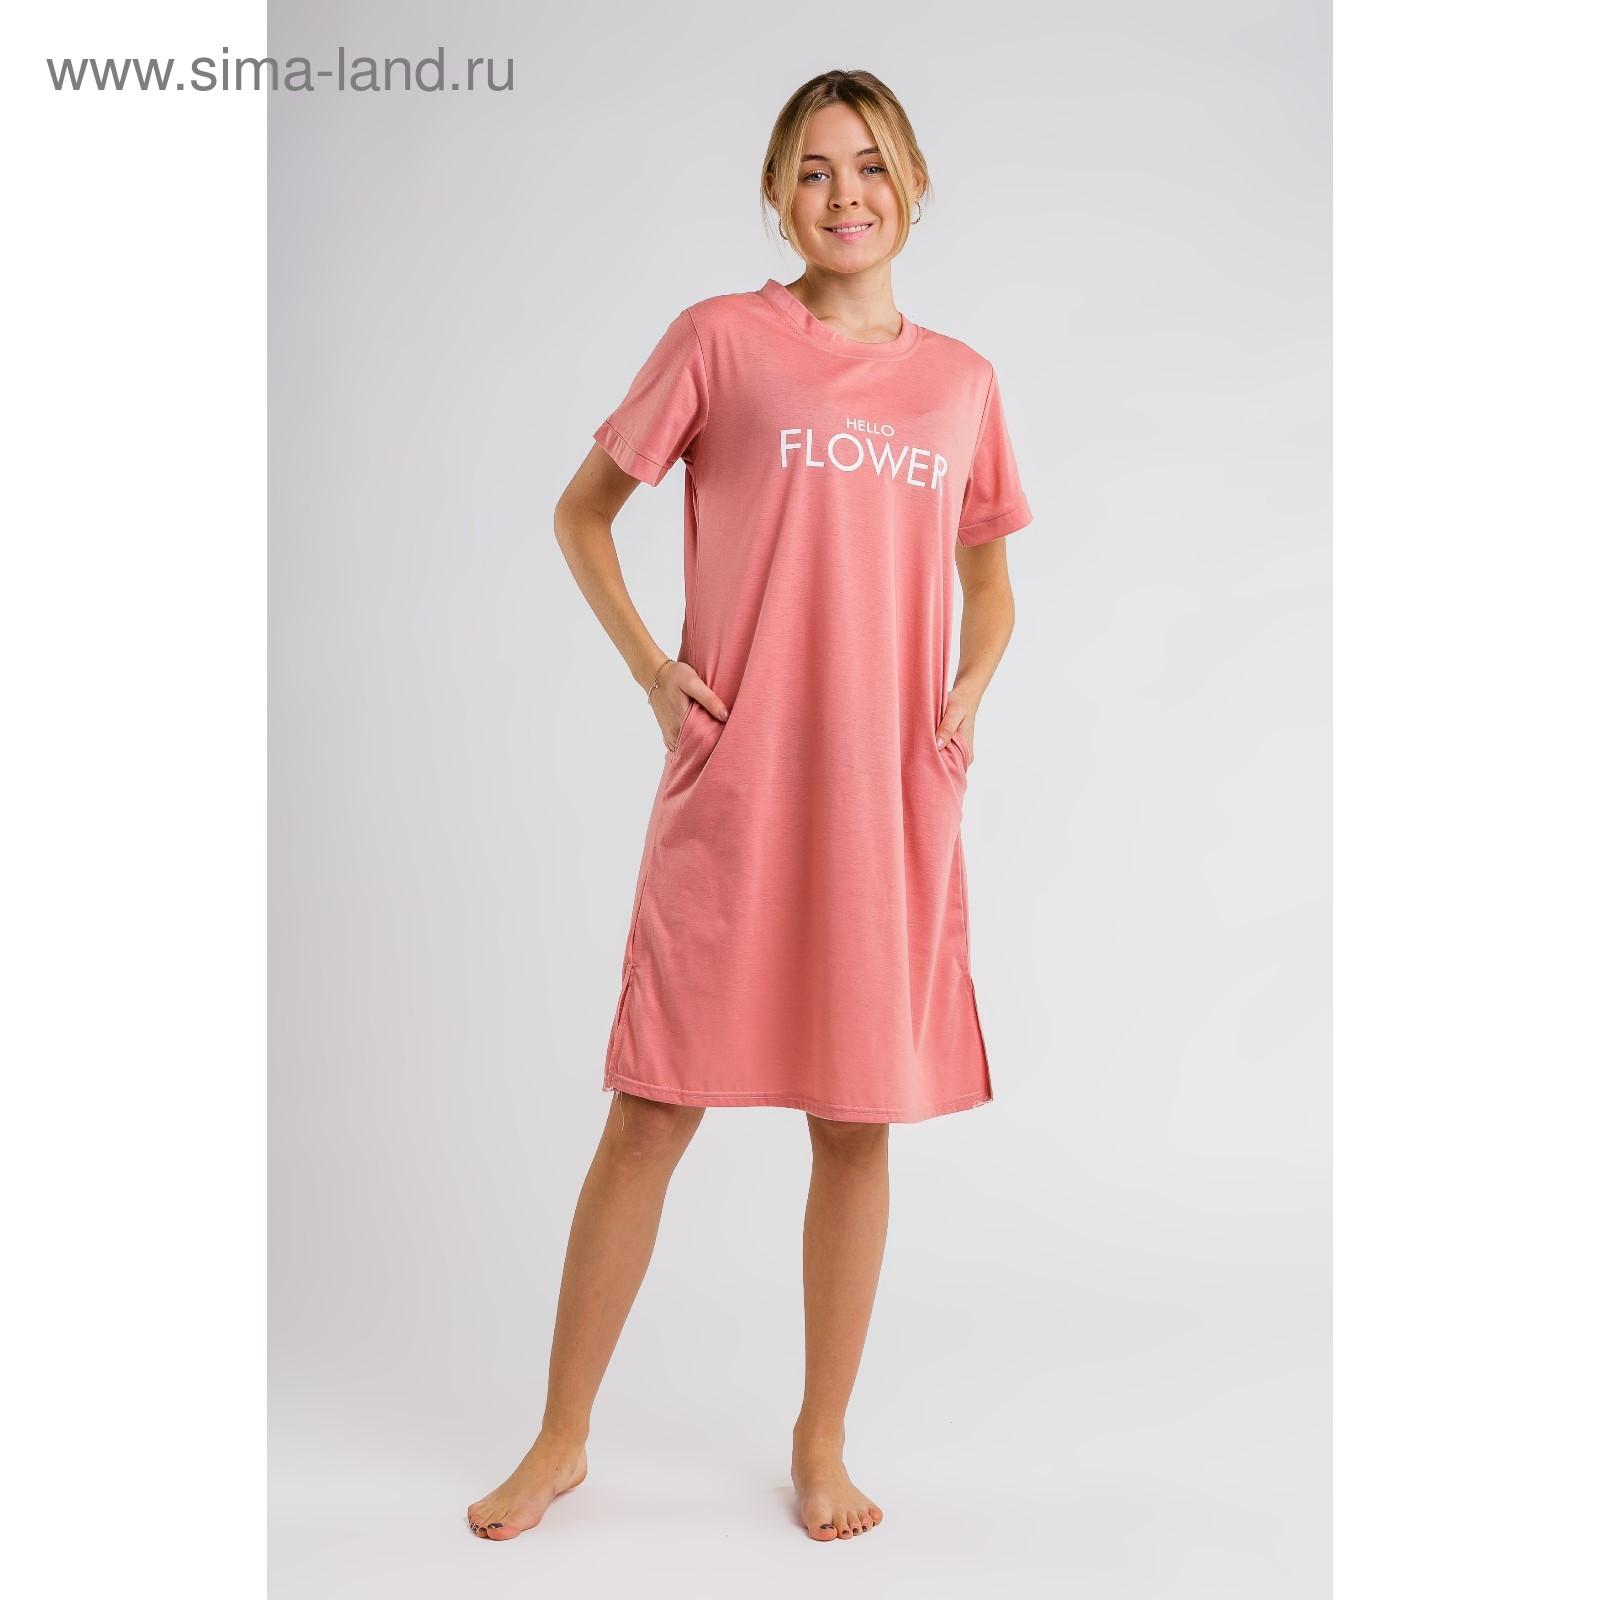 feebd1011be639b Платье домашнее Hello flower, размер 44-46, цвет розовый (3823303 ...